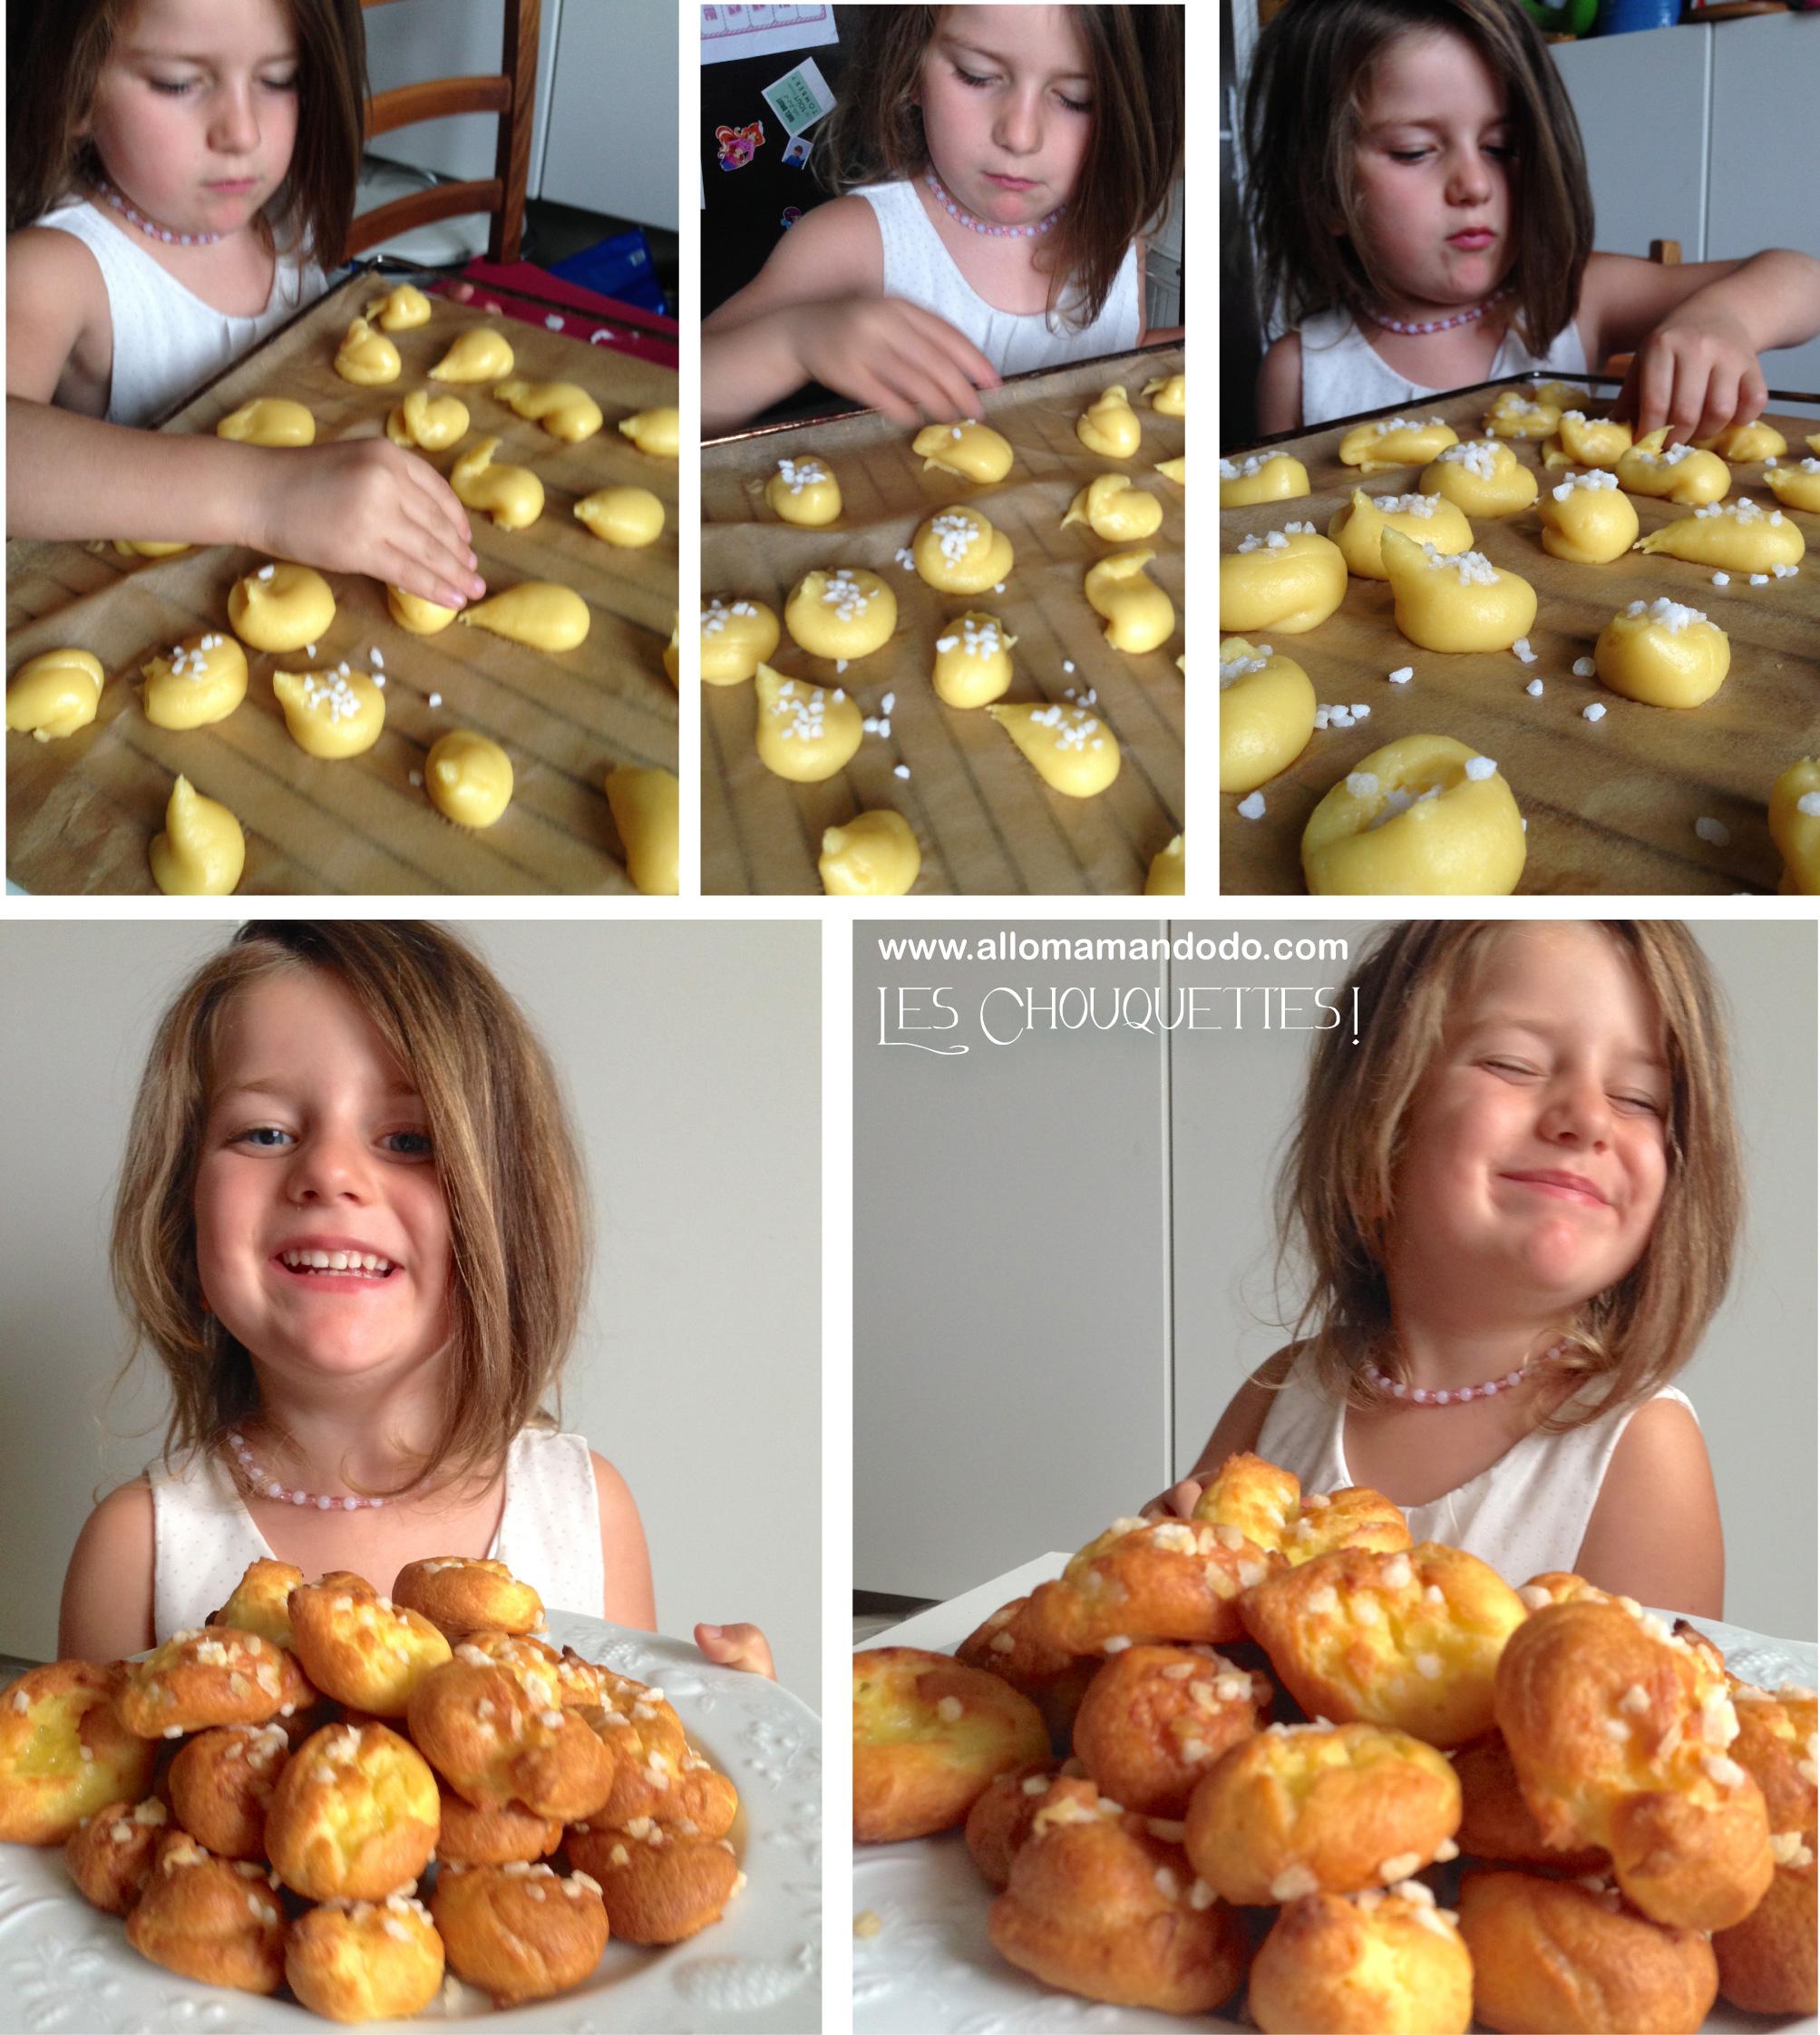 recette-facile-chouquette-enfant